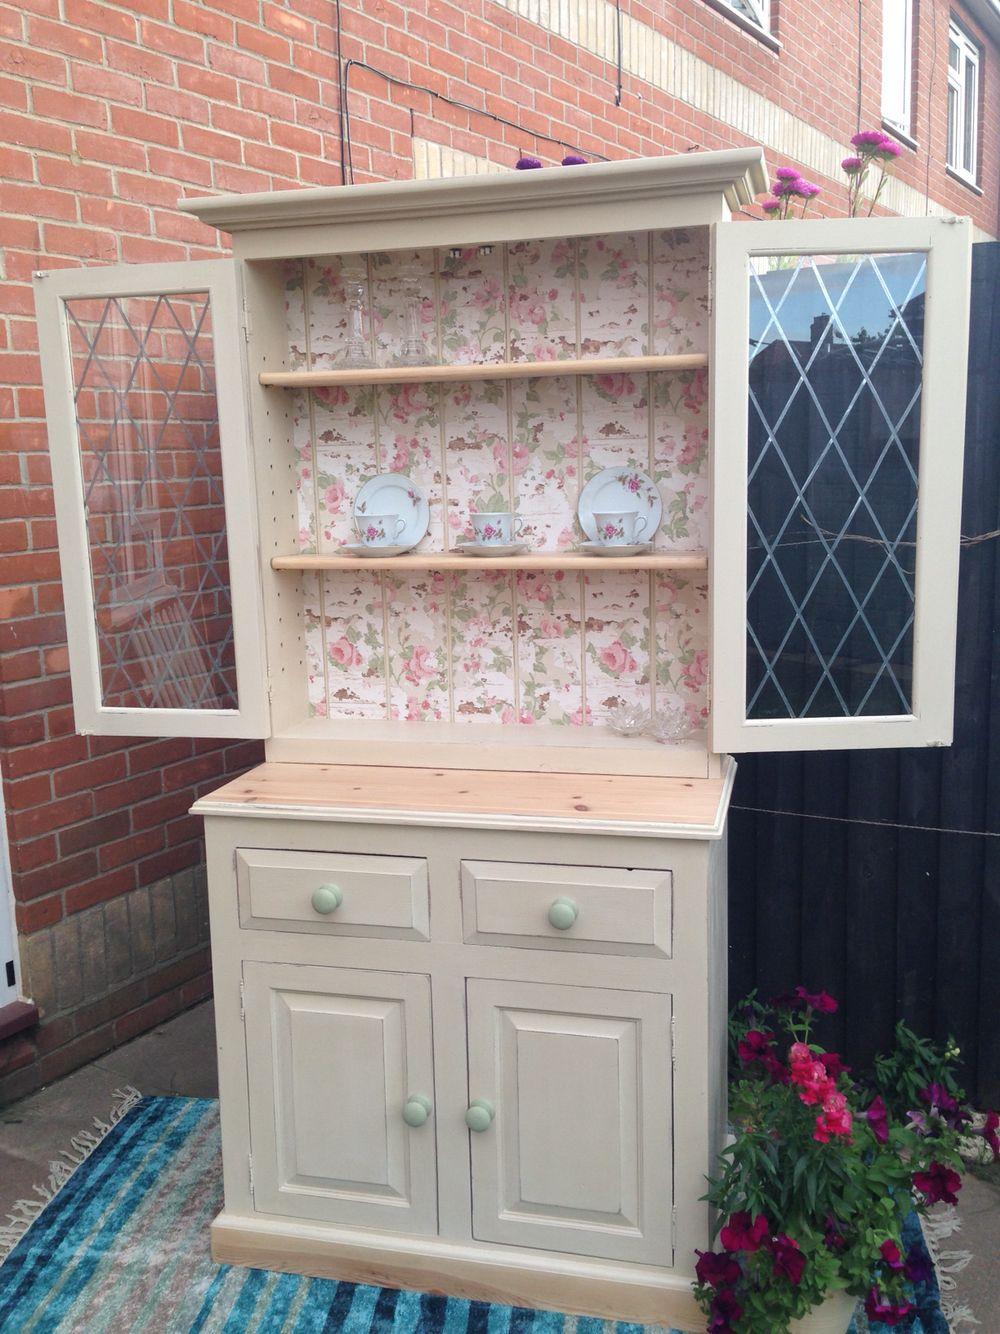 Painted Vintage Dresser Www.facebook.com/skylarbellepaintedfurniture